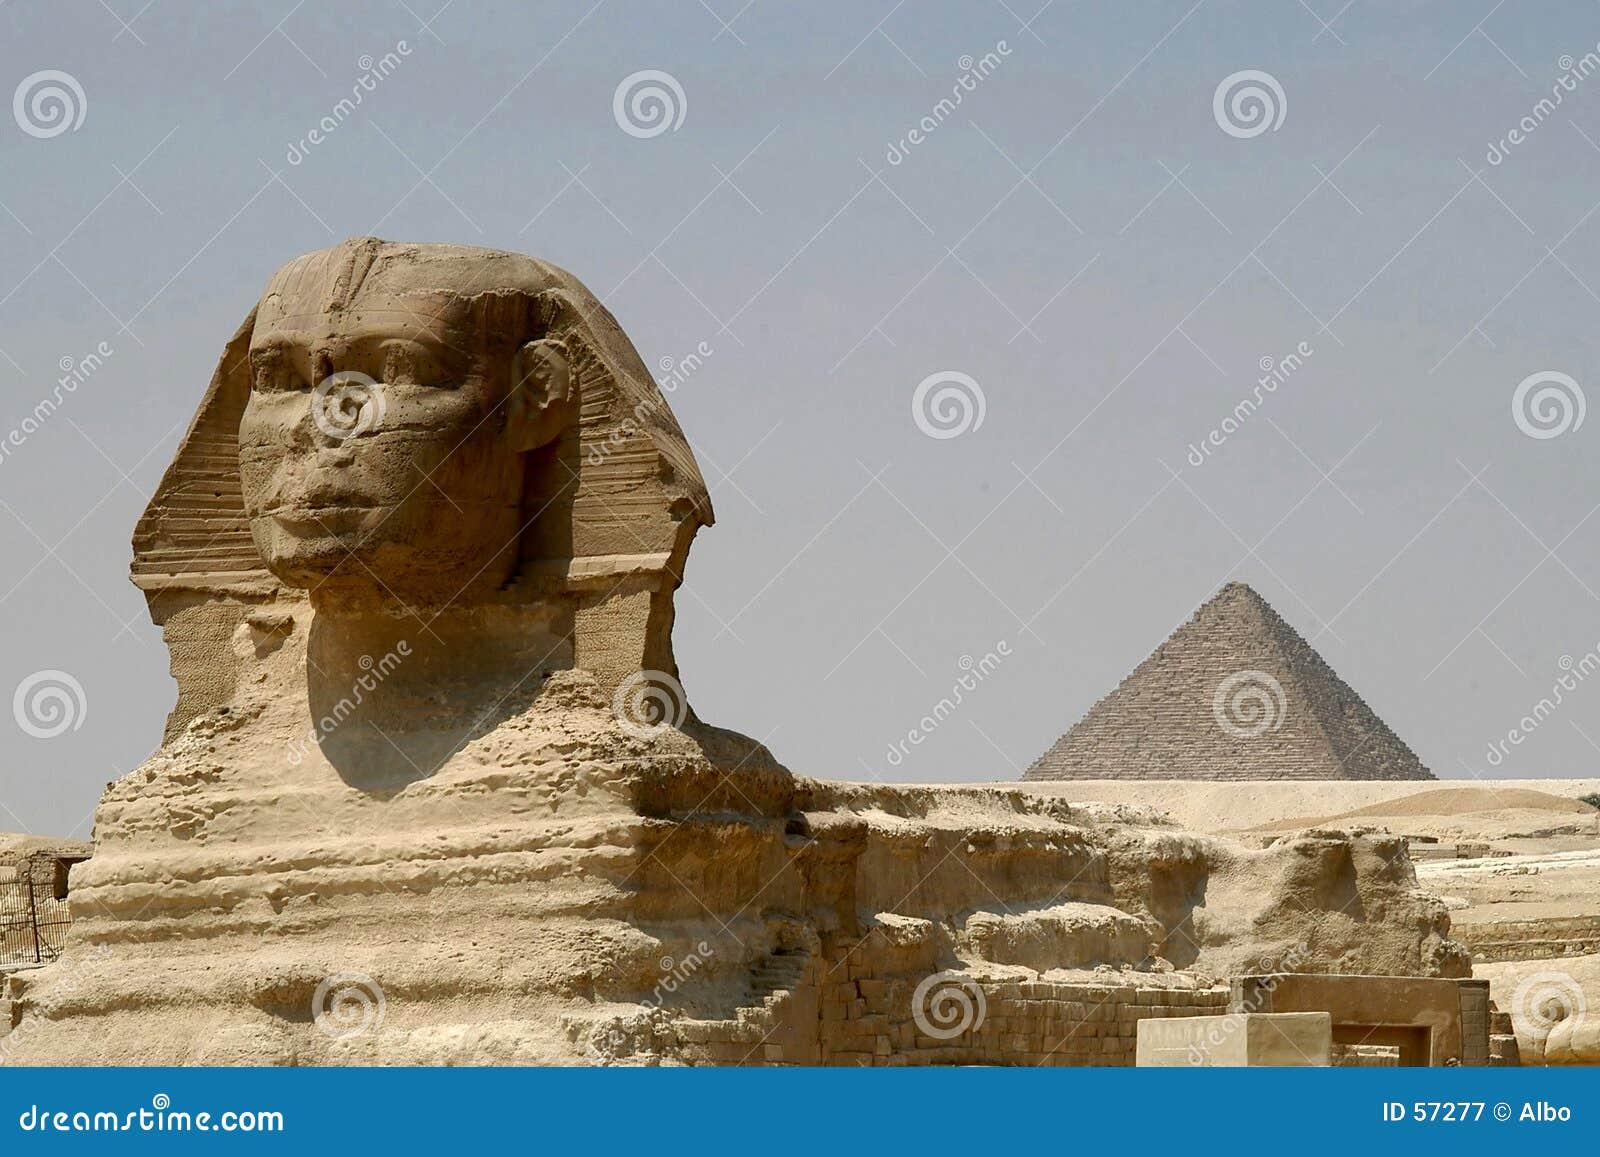 Chefren pyramidsphynx